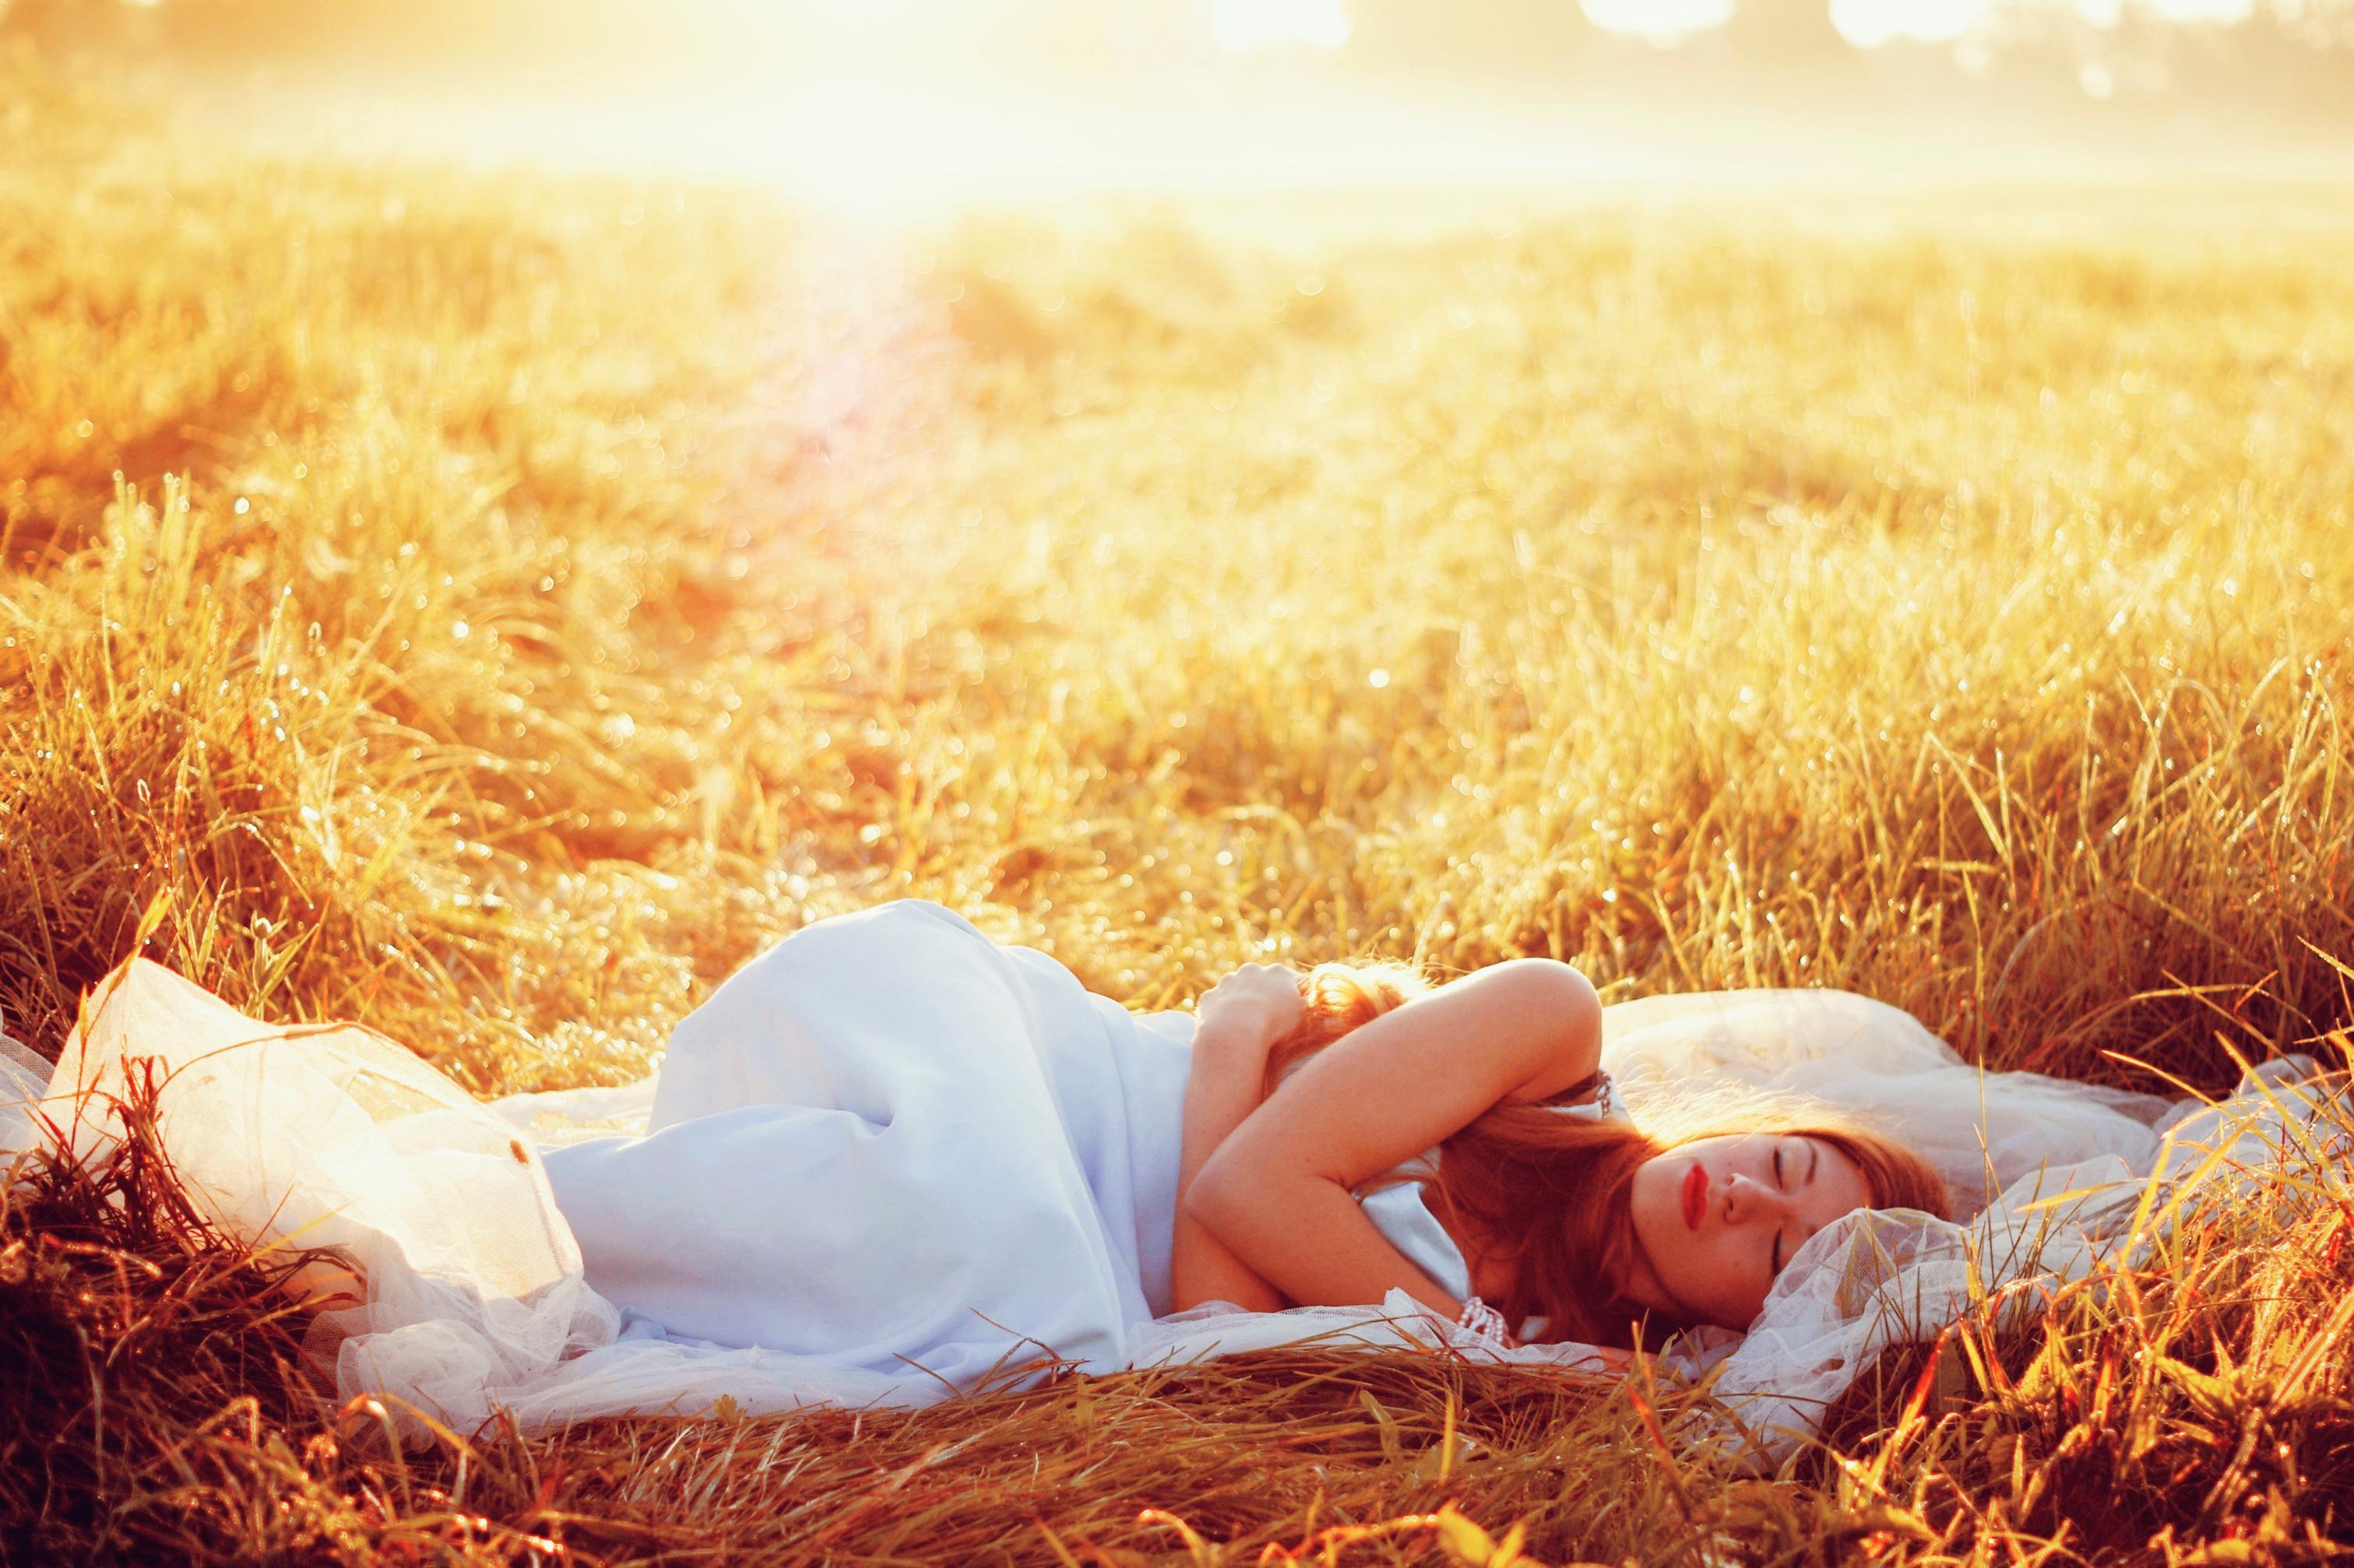 Hình ảnh nằm ngủ trong ngày nắng